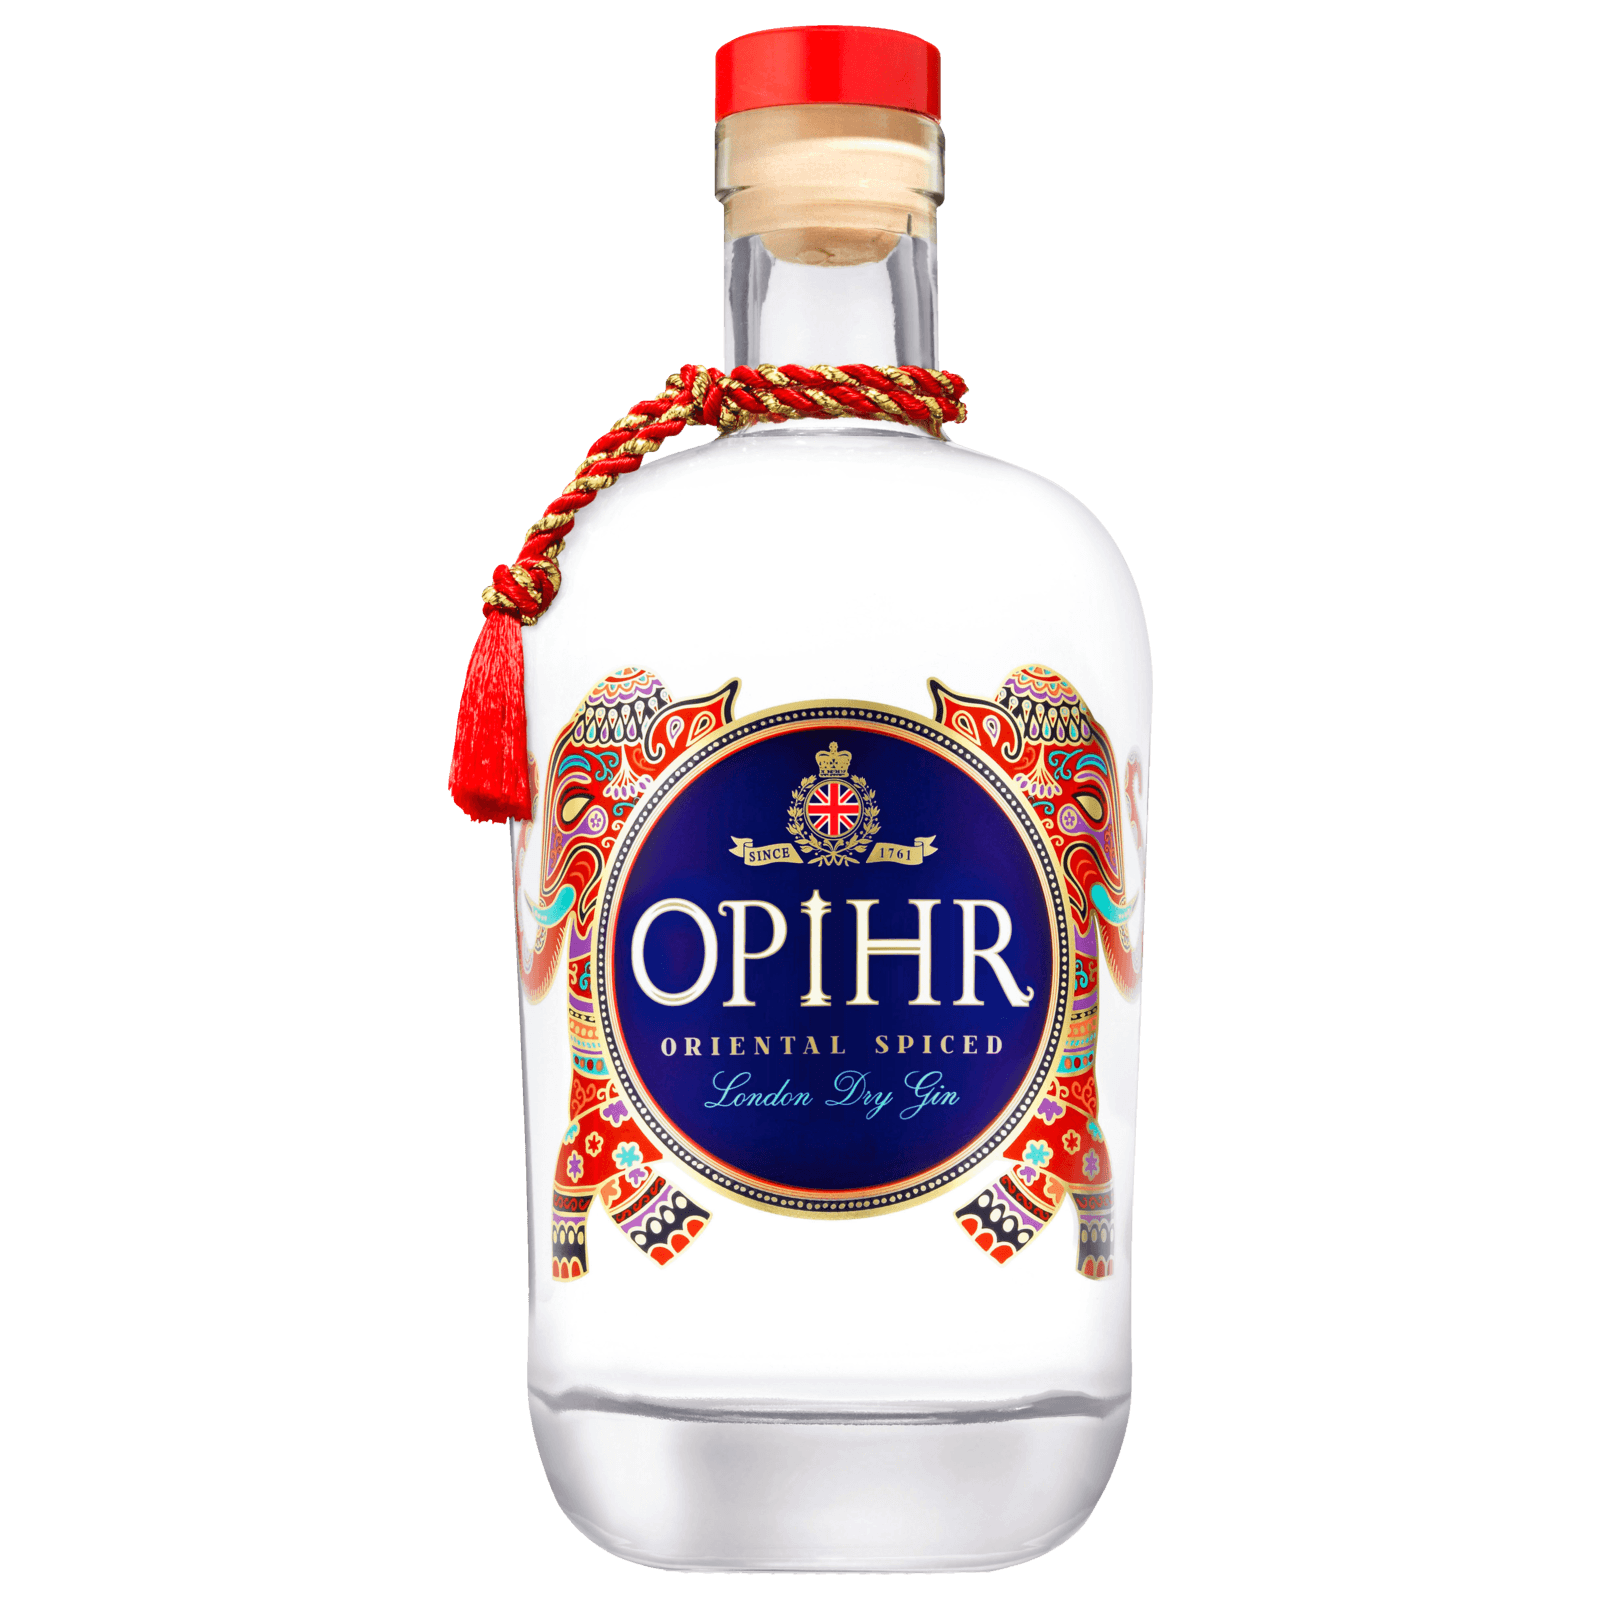 Opihr Oriental Spiced Gin 0,7l bei REWE online bestellen!